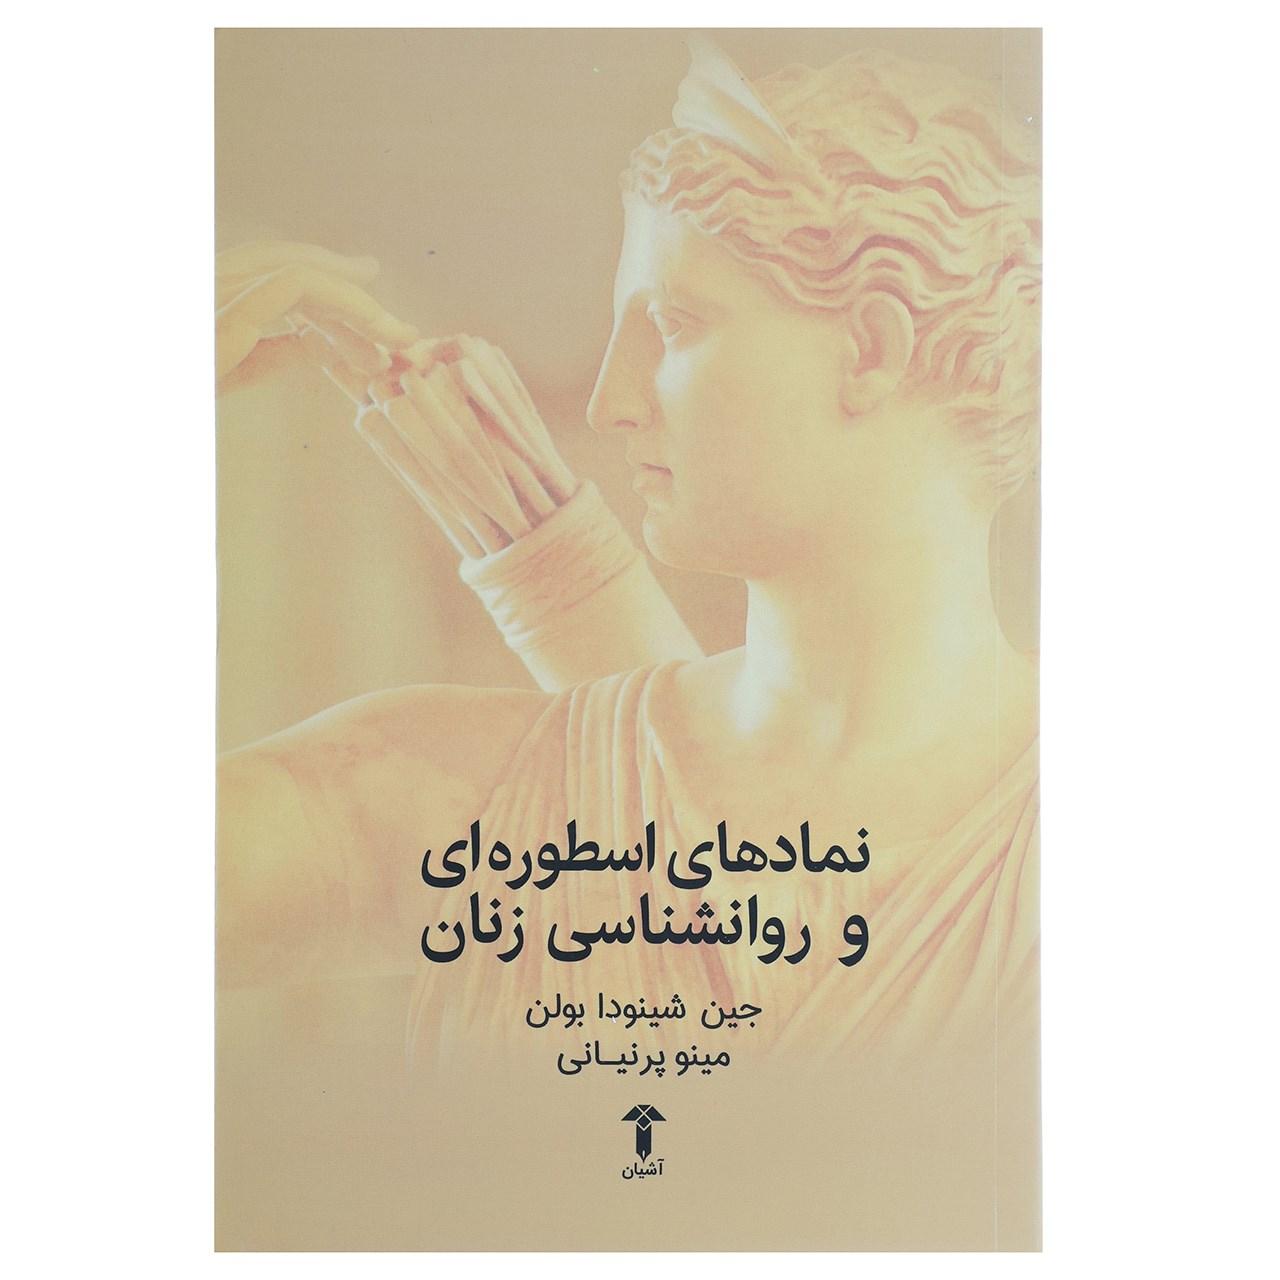 کتاب نمادهای اسطوره ای و روانشناسی زنان اثر جین شینودا بولن